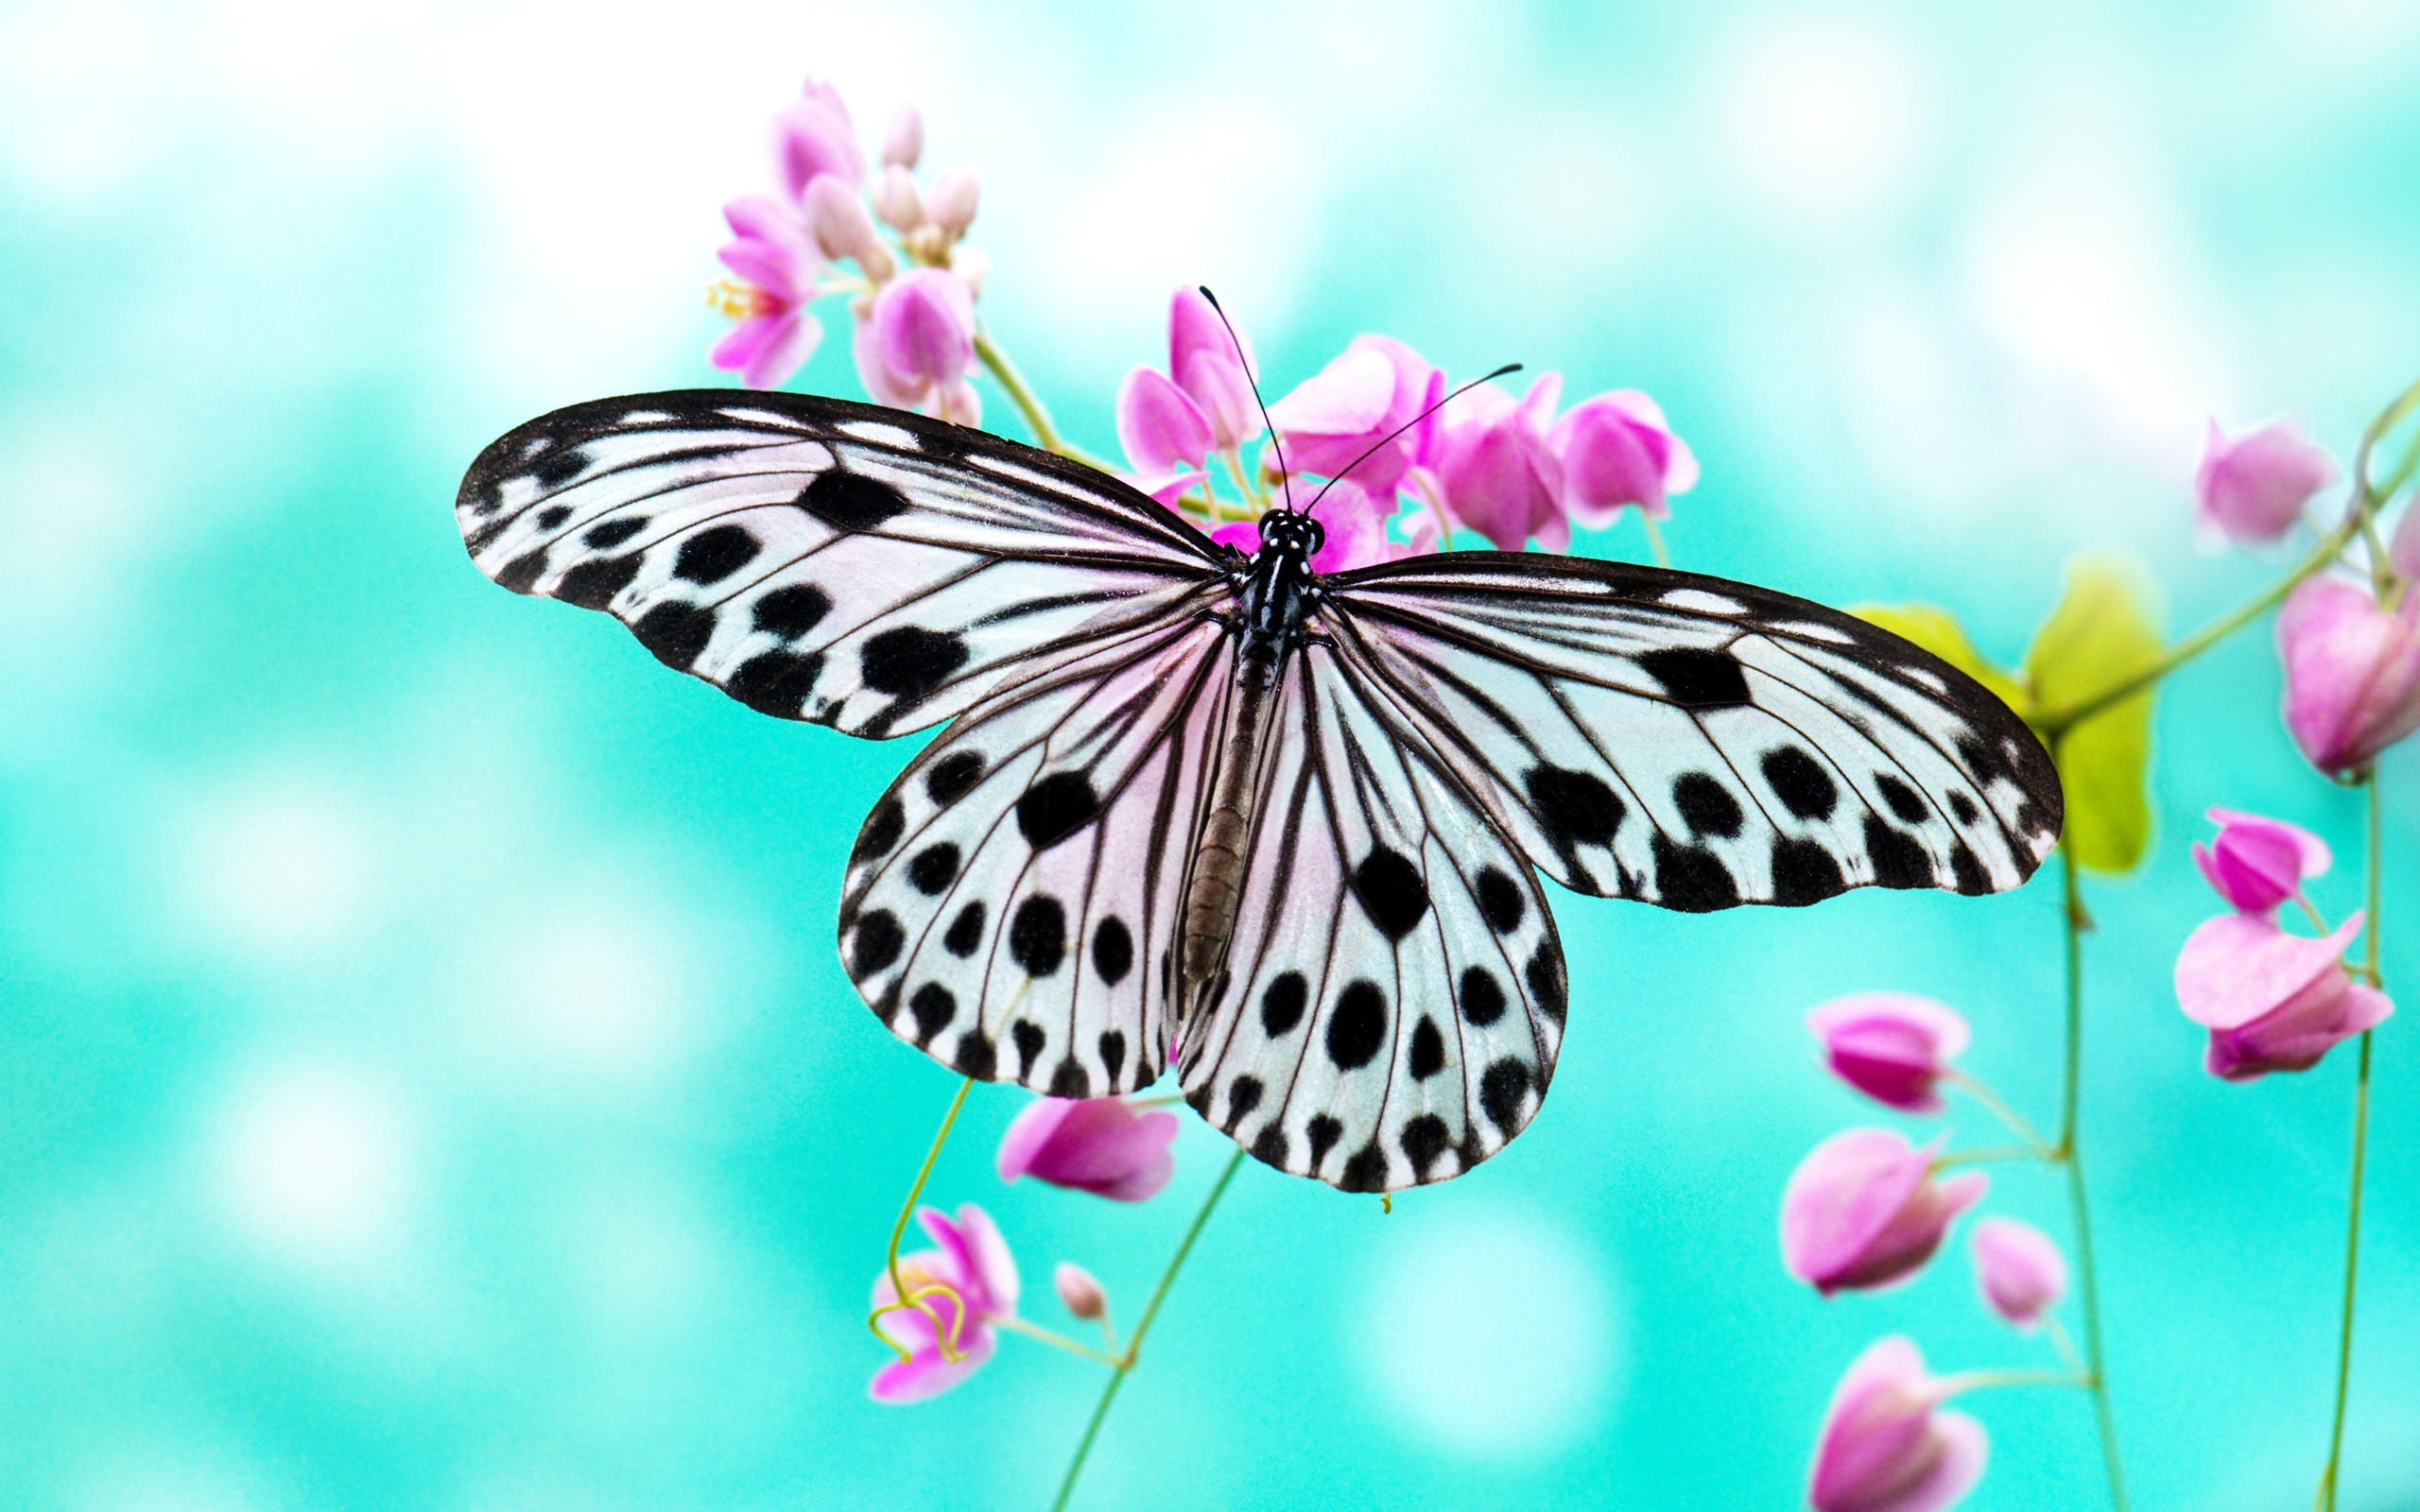 Butterfly wallpaper   Best HD Wallpaper 2560x1600